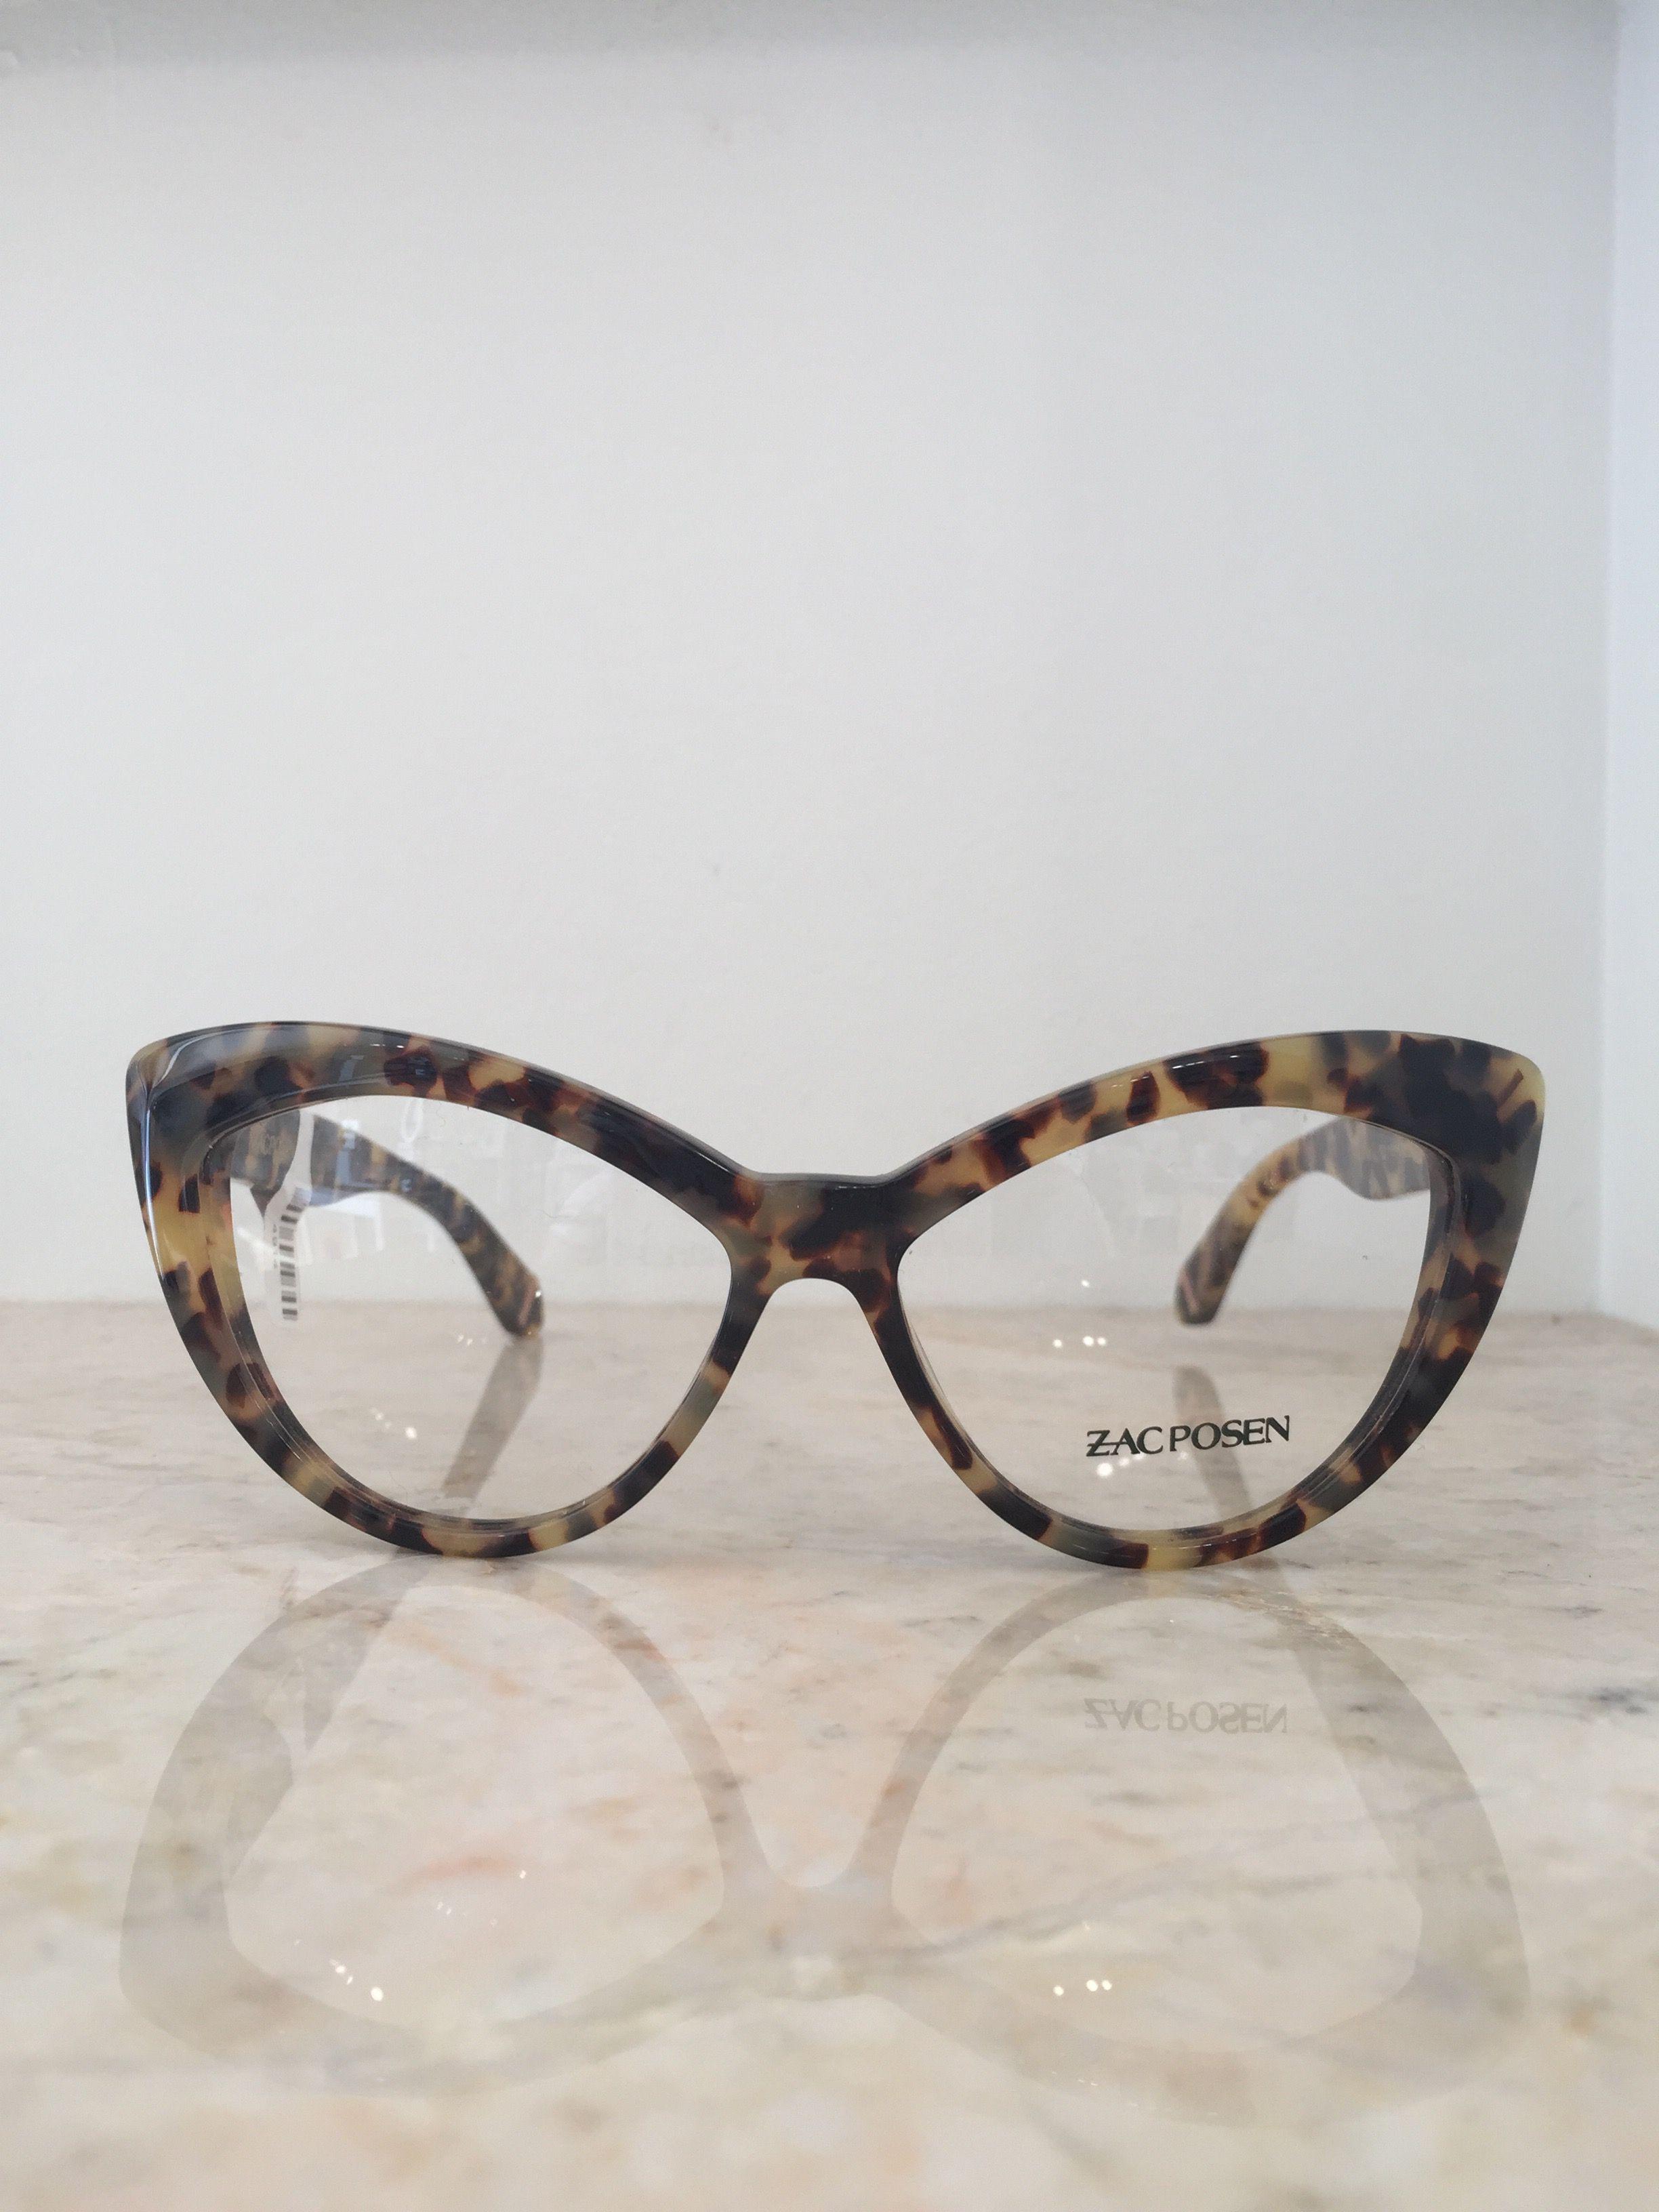 Eyeglasses dallas - Zac Posen Retro Glam Chunky Tortoise Cat Eye Glasses Frames